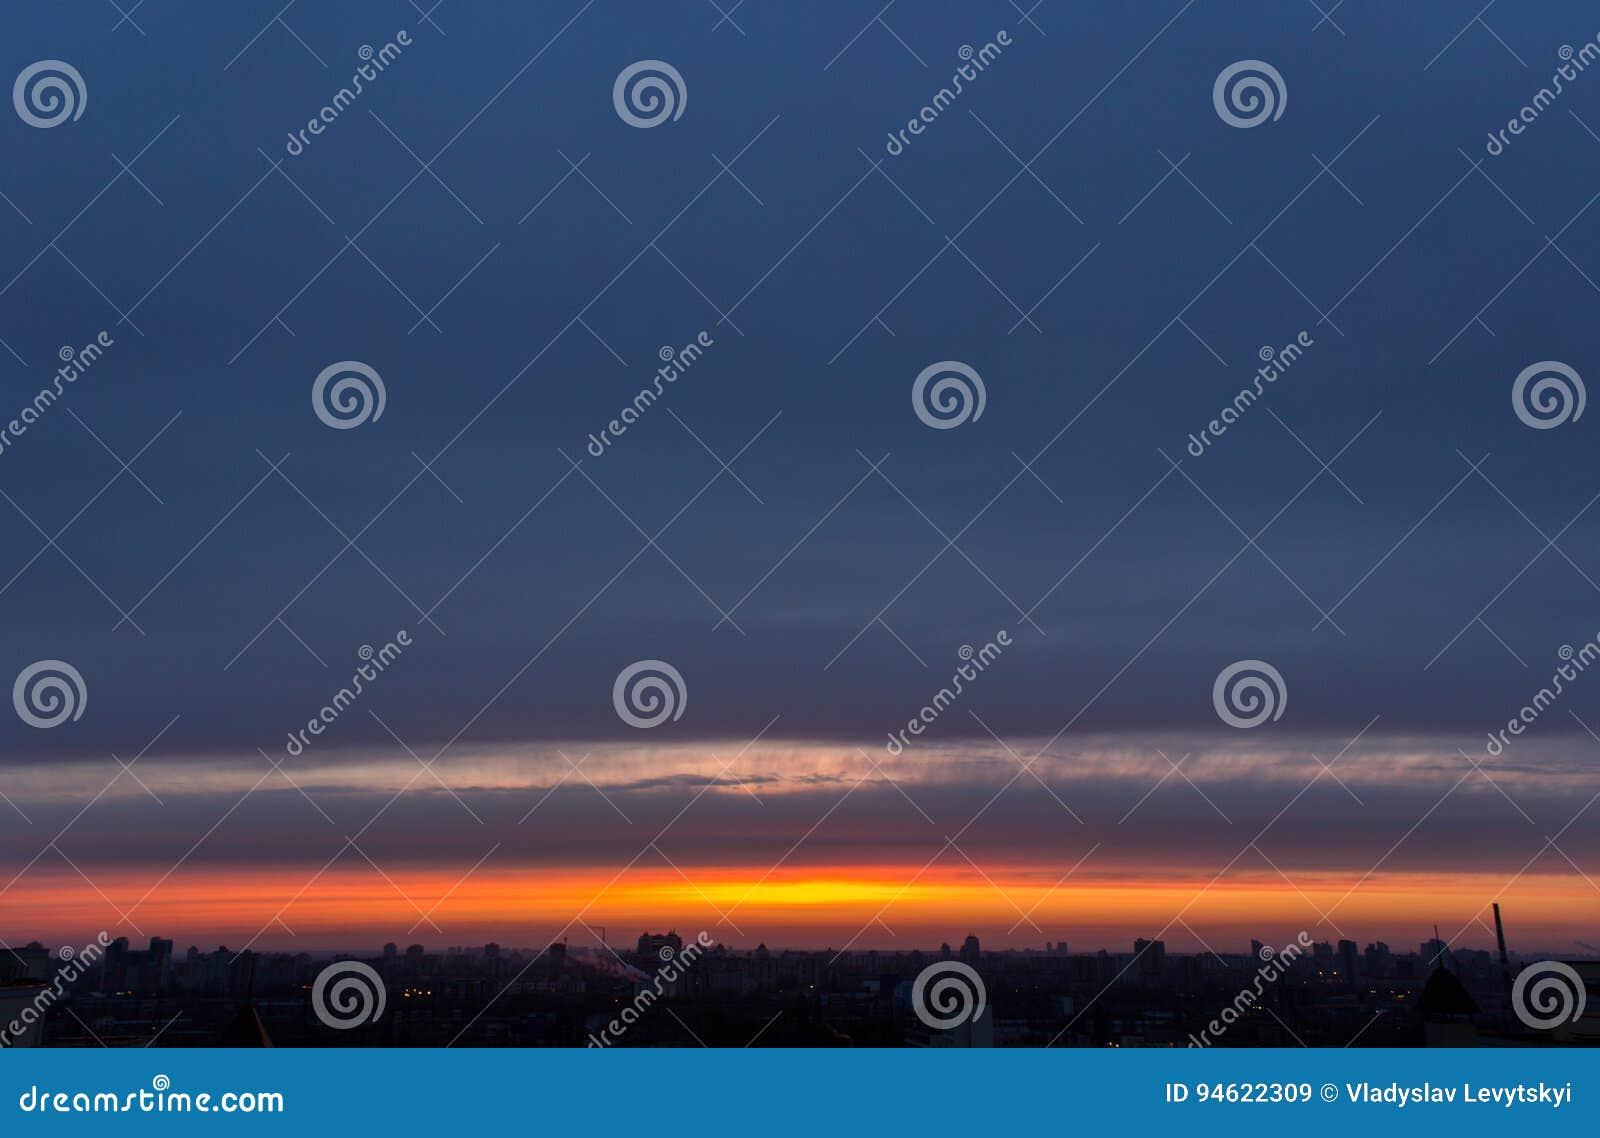 Ponury Evening Cloudscape